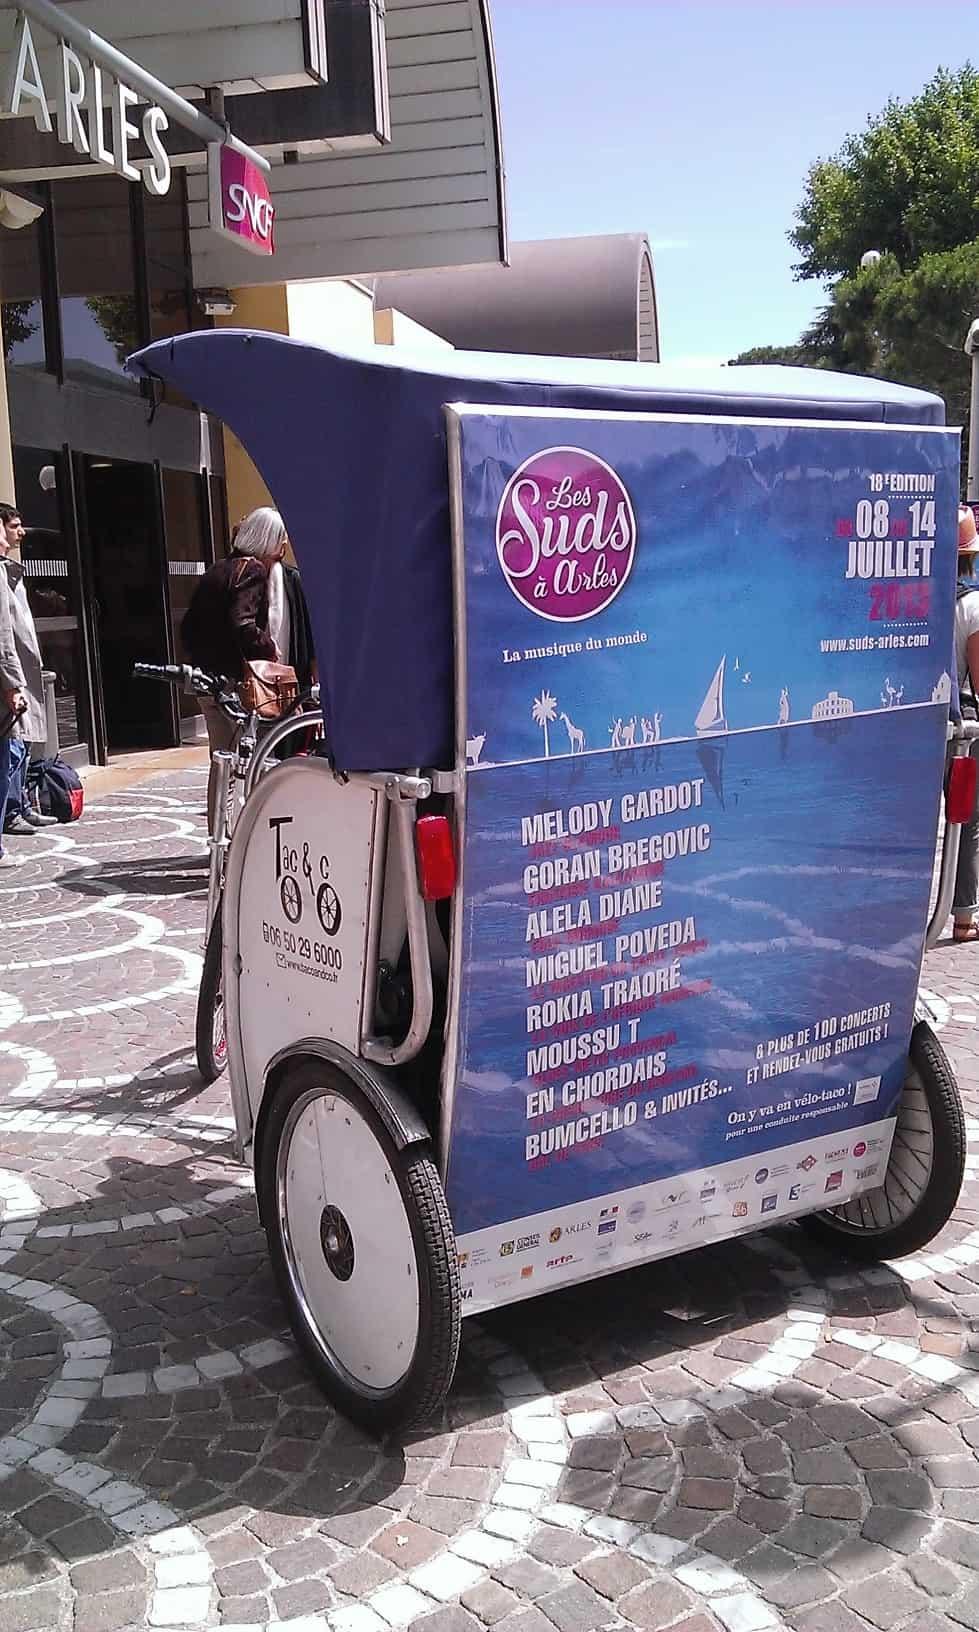 Réservez votre vélo taco pour votre arrivée à la gare sncf d'Arles